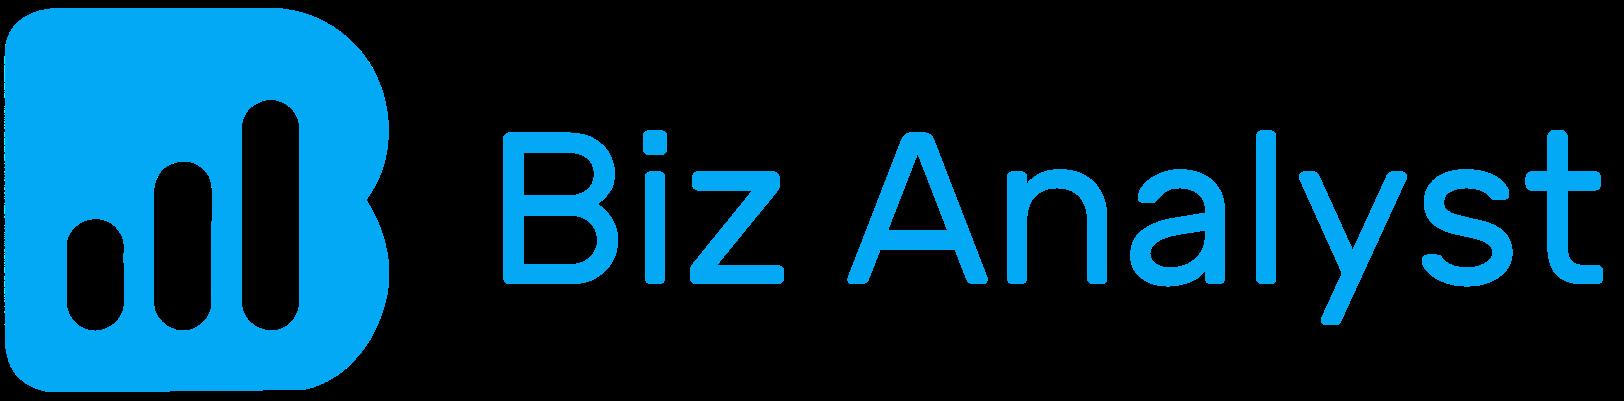 Biz Analyst Logo